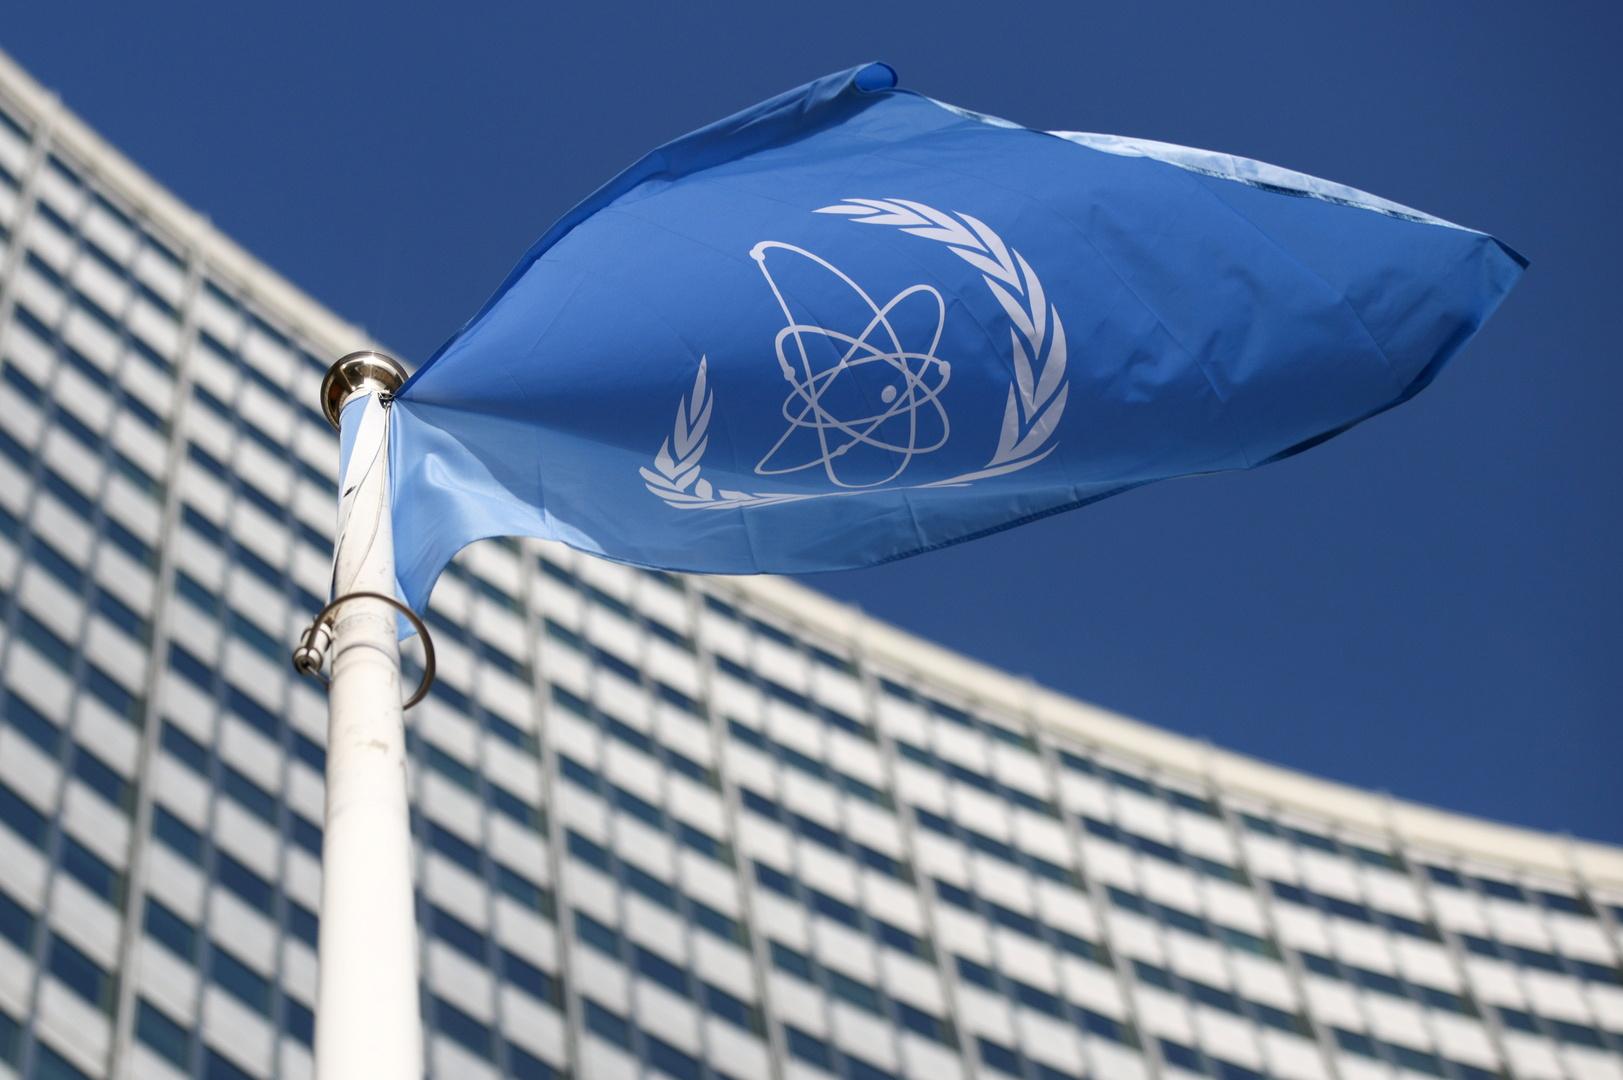 الطاقة الذرية: إيران تحولت لاستخدام مجموعة واحدة من أجهزة الطرد المركزي بدلا من اثنتين